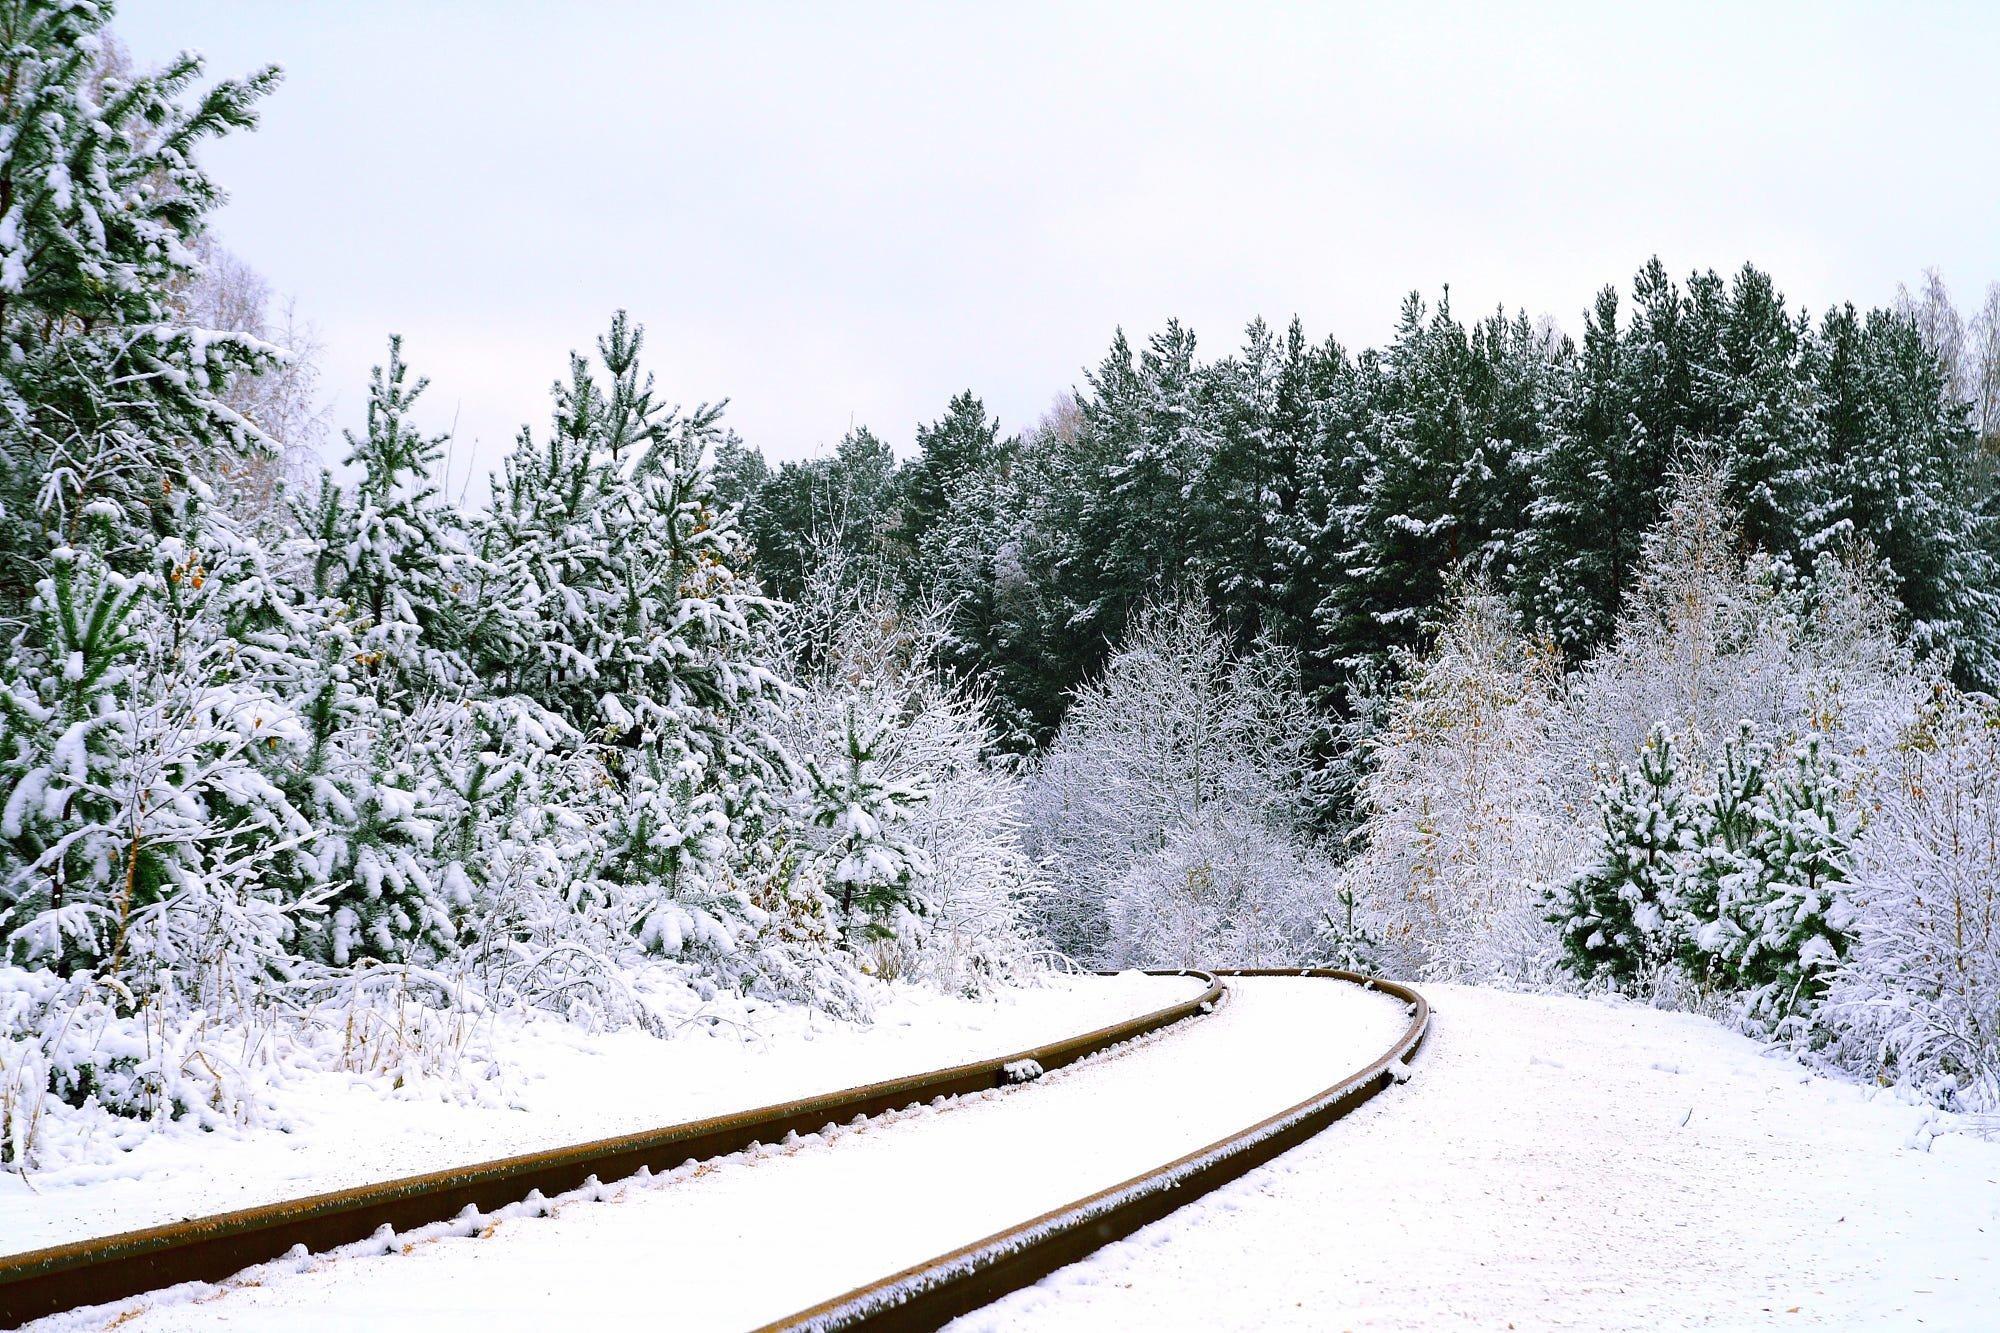 каждый железная дорога картинки зимняя знаю, если такие